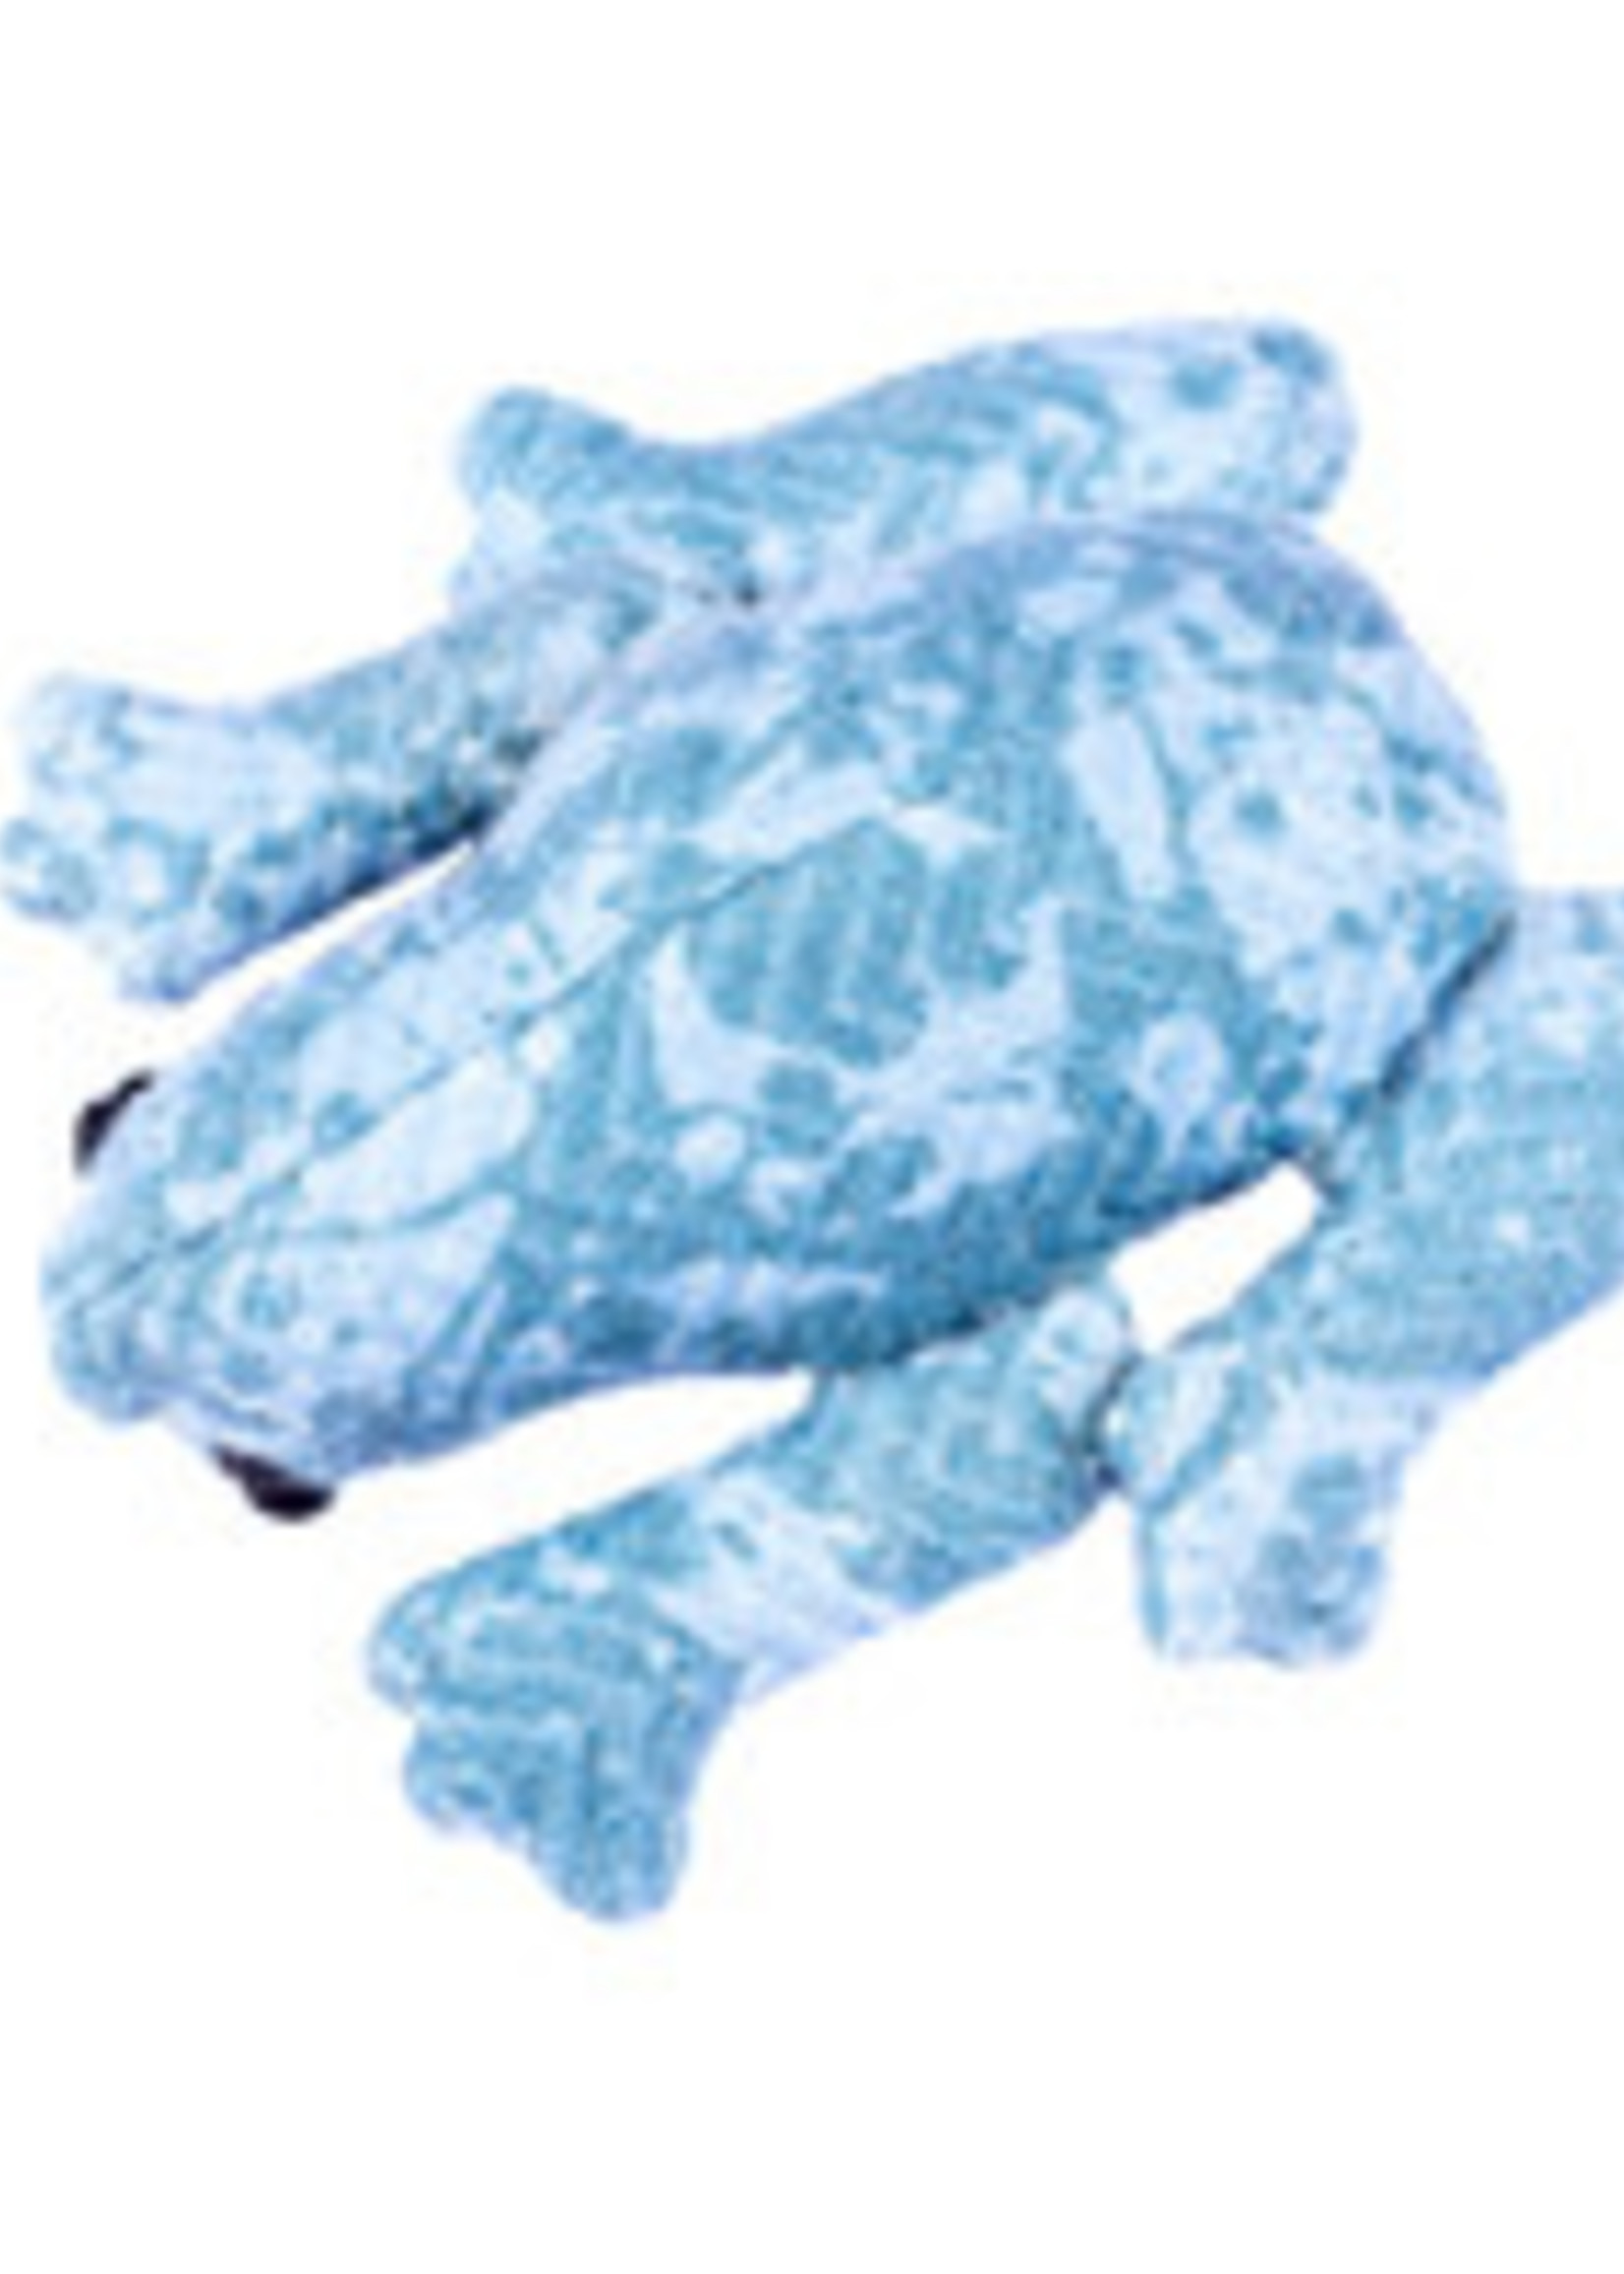 RESPLOOT Brazil Poison Dart Frog Toy